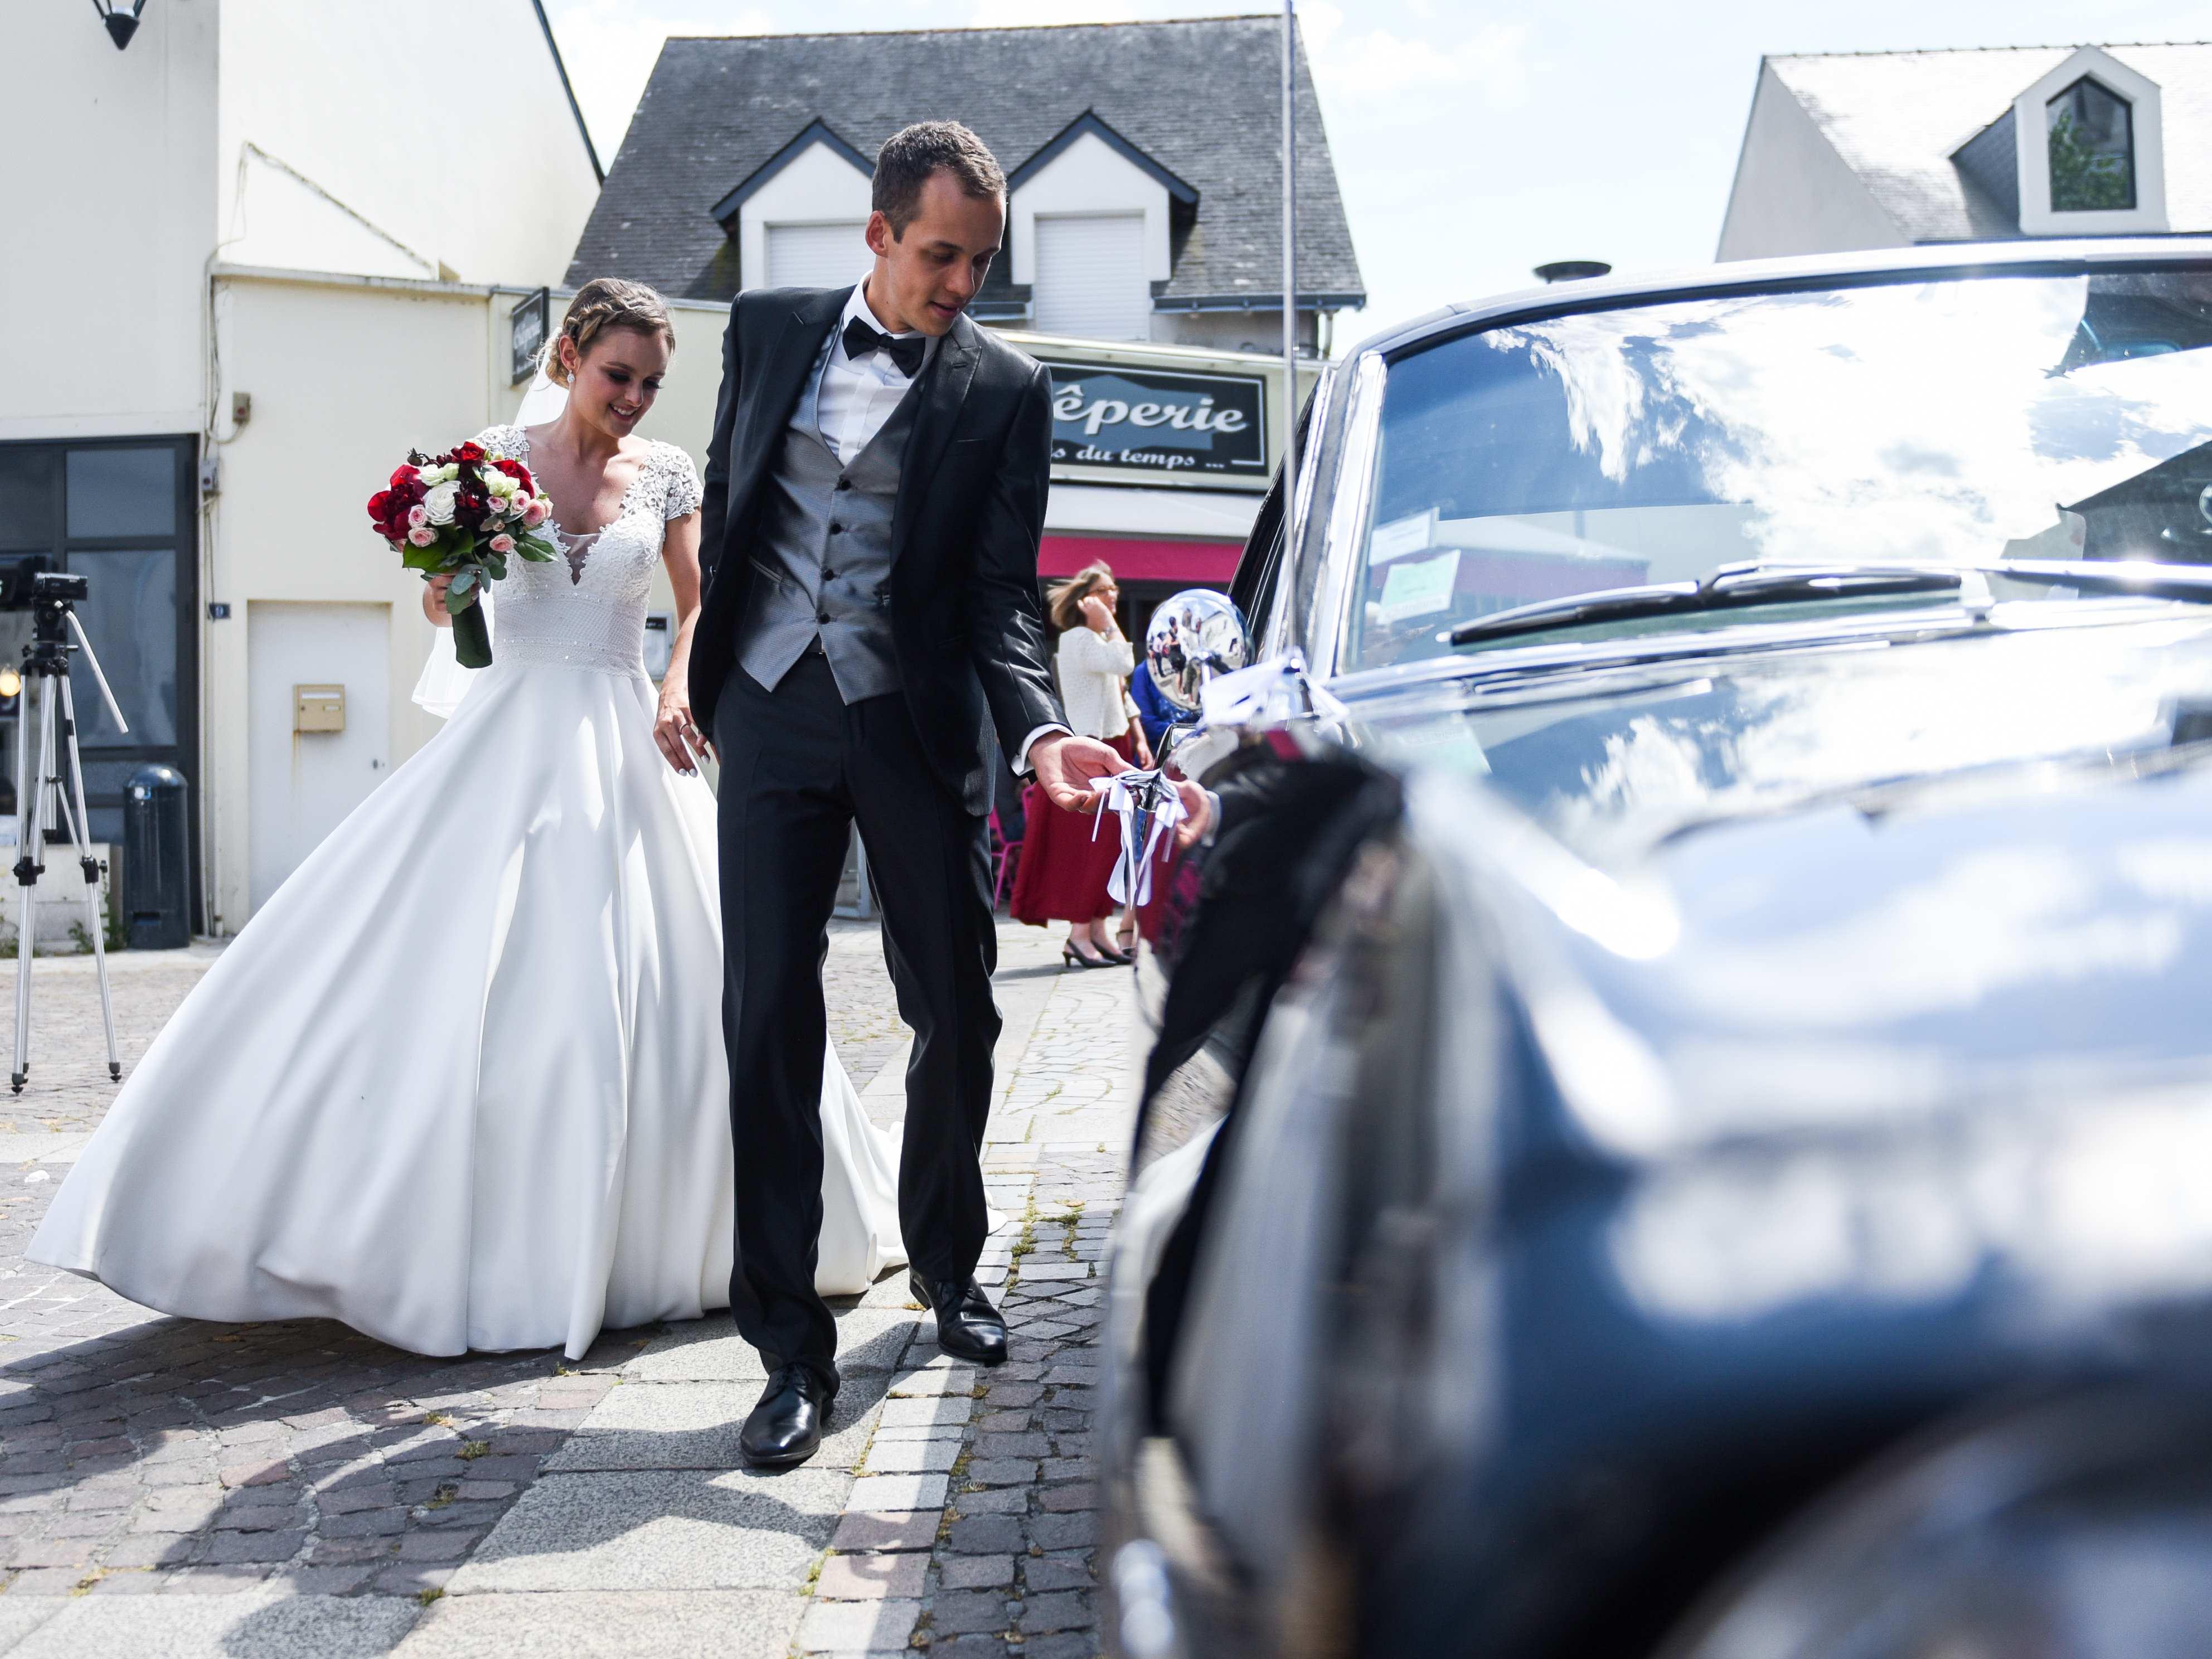 Mariage-sans-chauffeur-1